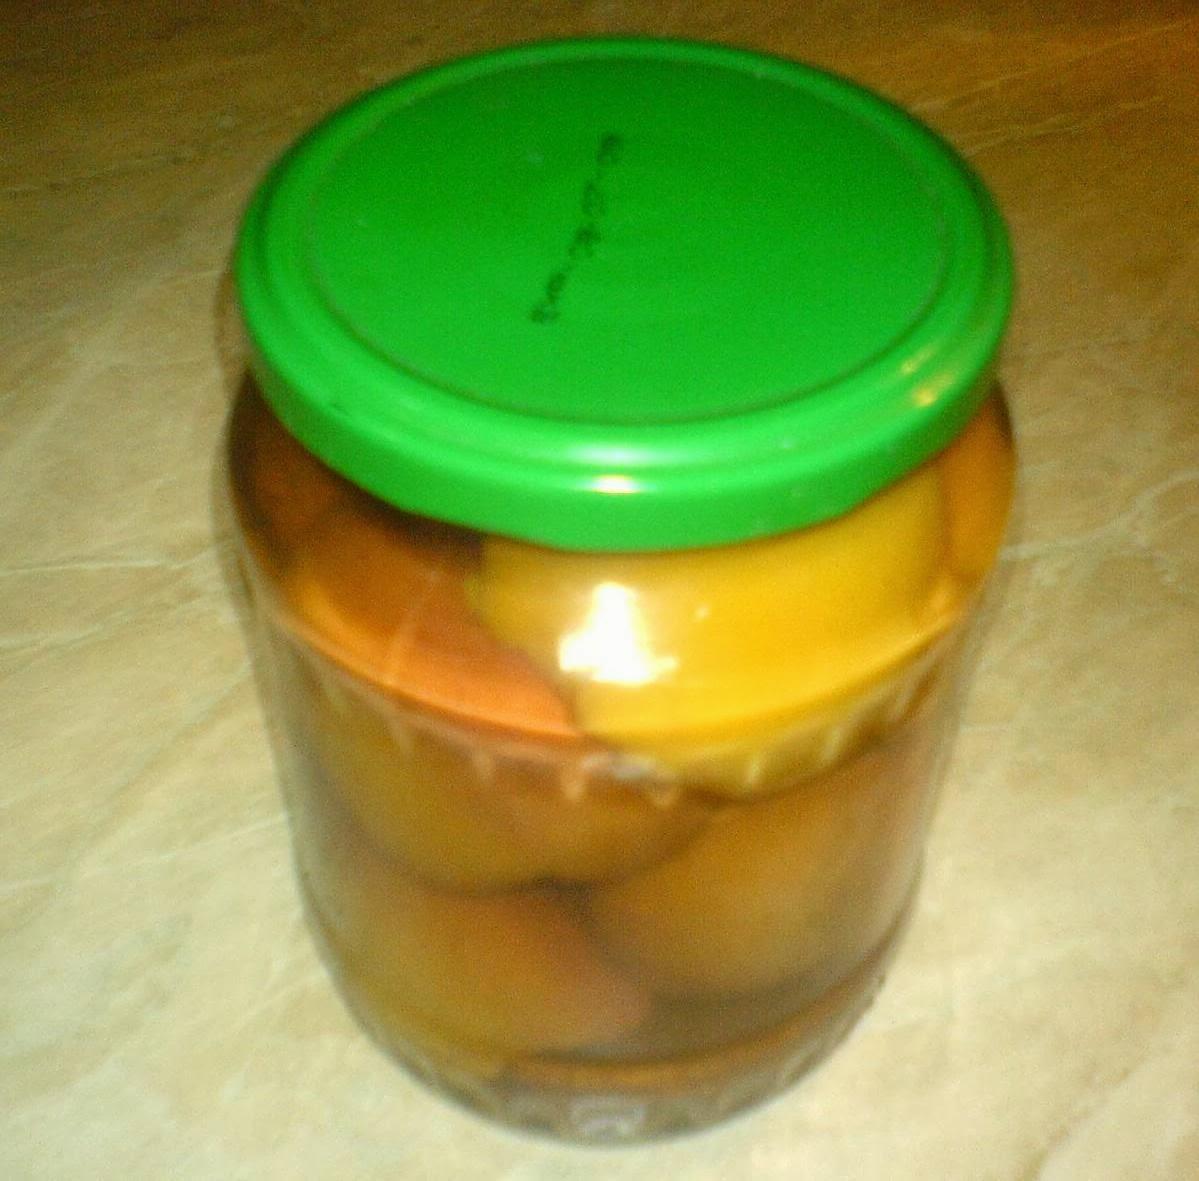 compot de fructe, compot din fructe, dulciuri, retete culinare, compot pentru iarna, compot piersici intregi